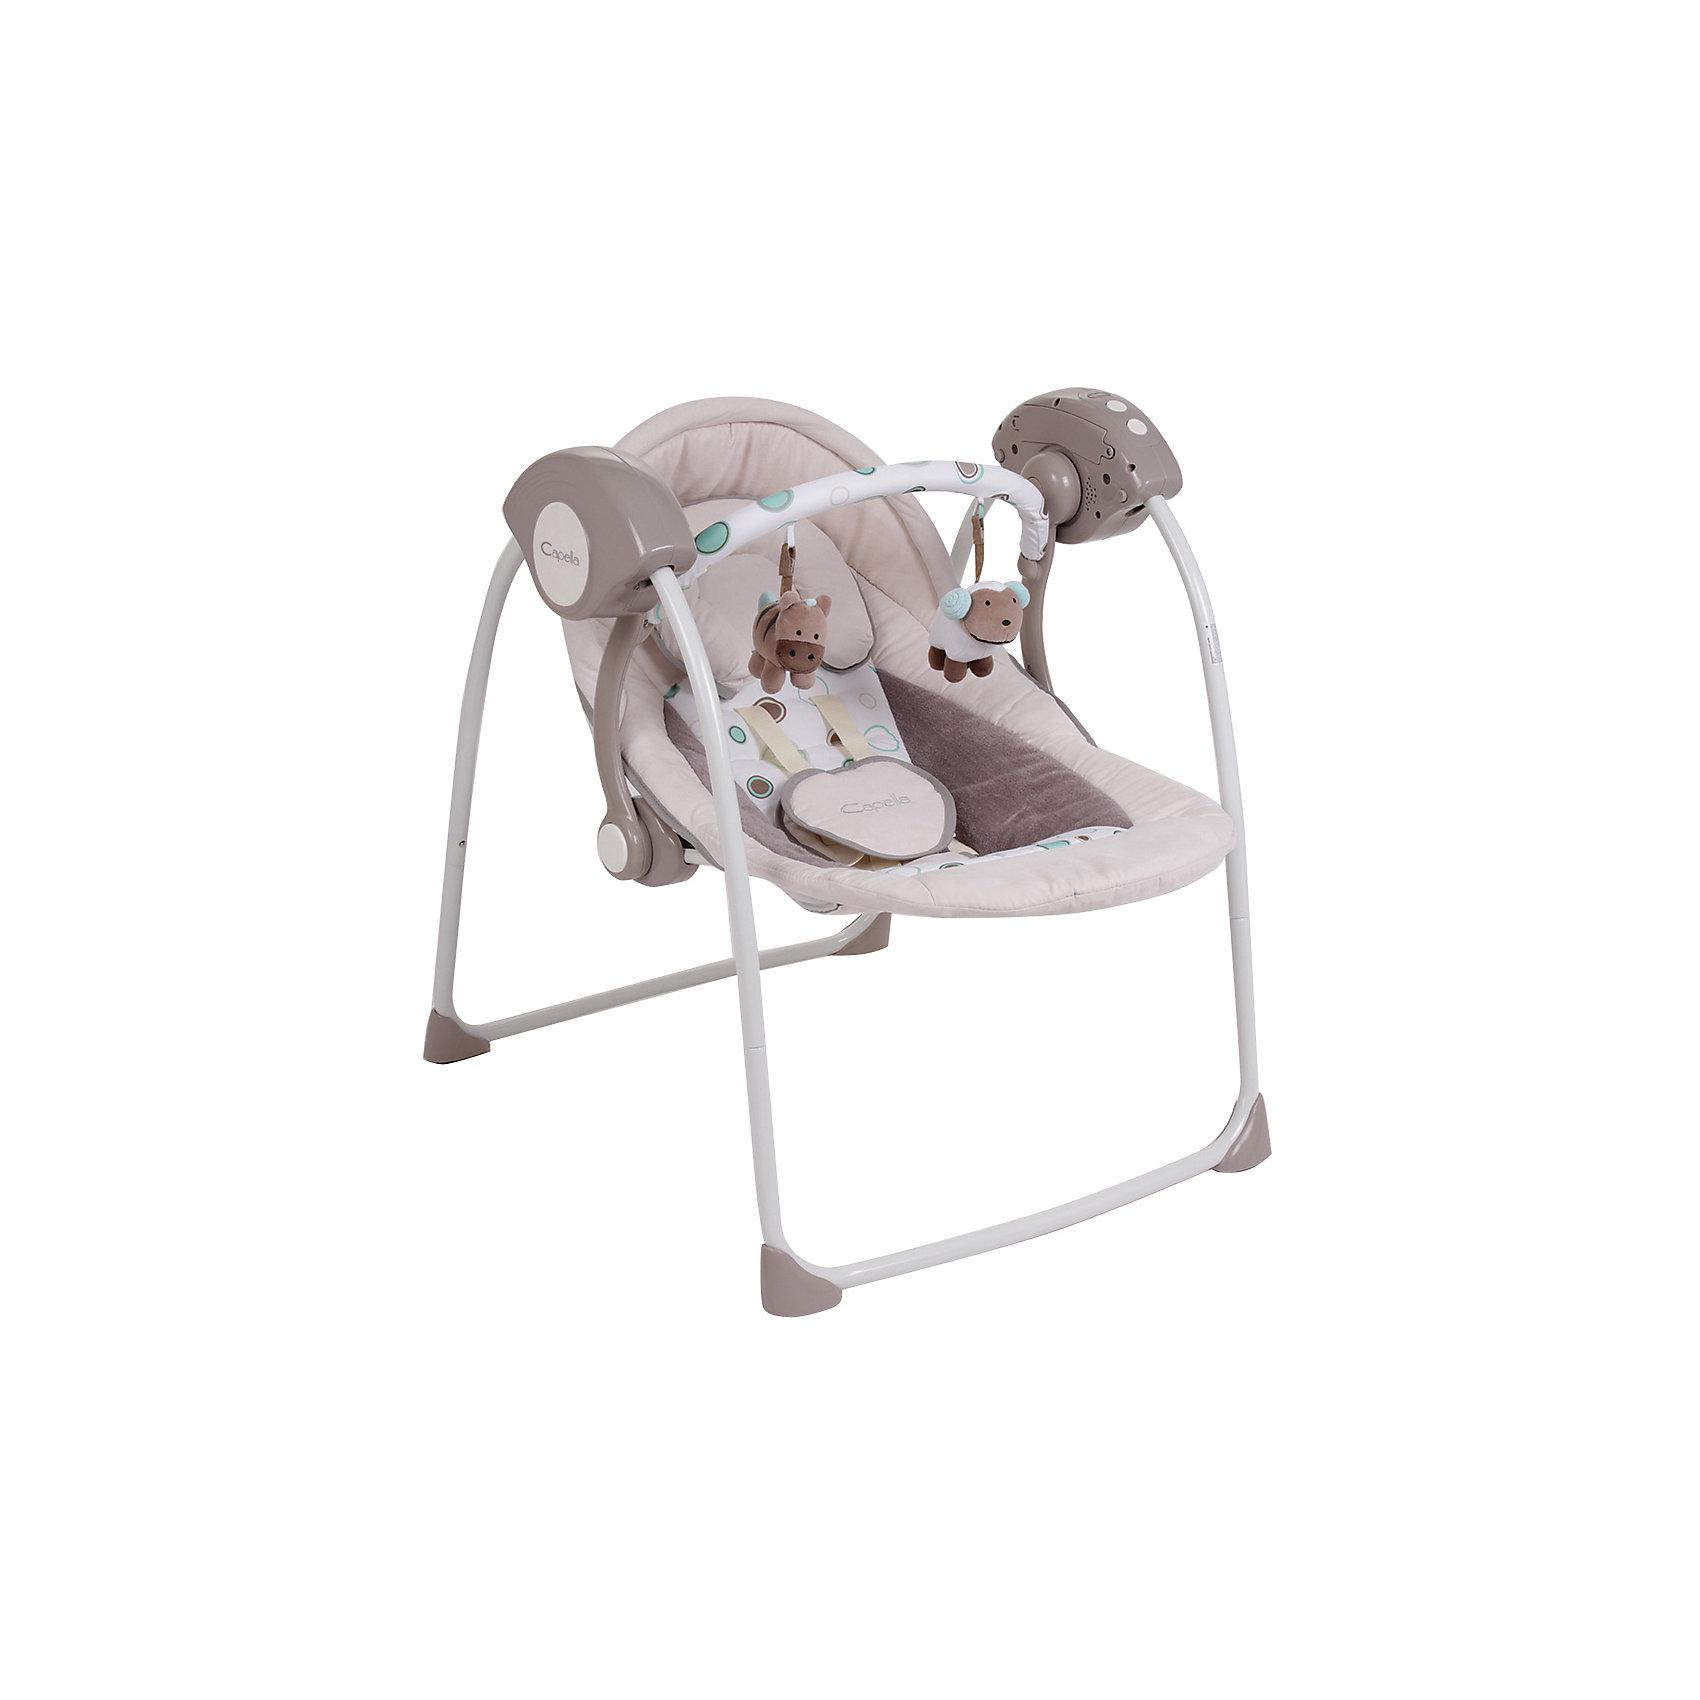 Качели TY-002B, Capella, серыйЗамечательные переносные электрокачели от известного бренда Capella для Вашего малыша. Станут незаменимым помощником в первые месяцы: они укачают, успокоят или отвлекут ребенка, оставив родителям время для отдыха или домашних дел. Обладают следующими особенностями:<br>- приятный светло-серый цвет;<br>- съемная дуга с игрушками;<br>- мягкое комфортное сиденье с подголовником;;<br>- 2 положения наклона спинки;<br>- качественные пятиточечные ремни безопасности с удобной застежкой;<br>- съемный матрас и чехол, допускается машинная стирка;<br>- музыкальный блок с 12 убаюкивающими мелодиями;<br>- регулируемая громкость;<br>- 5 скоростей качания;<br>- тихий двигатель;<br>- прочный металлический каркас с резиновыми накладками, предотвращающими скольжение;<br>- качели легко и компактно складываются для хранения или транспортировки;<br>- таймер на 8/15/30 минут.<br>Отличная вещь для ребенка и молодых родителей!<br><br>Дополнительная информация:<br>- вес: 5000 гр.;<br>- габариты: 700х600х720 мм;<br>- цвет: серый;<br>- работают от батареек;<br>- для детей весом от 3 до 9 кг.<br><br>Качели Capella (Капелла) можно купить в нашем магазине<br><br>Ширина мм: 600<br>Глубина мм: 440<br>Высота мм: 150<br>Вес г: 5000<br>Возраст от месяцев: 0<br>Возраст до месяцев: 6<br>Пол: Унисекс<br>Возраст: Детский<br>SKU: 3946083